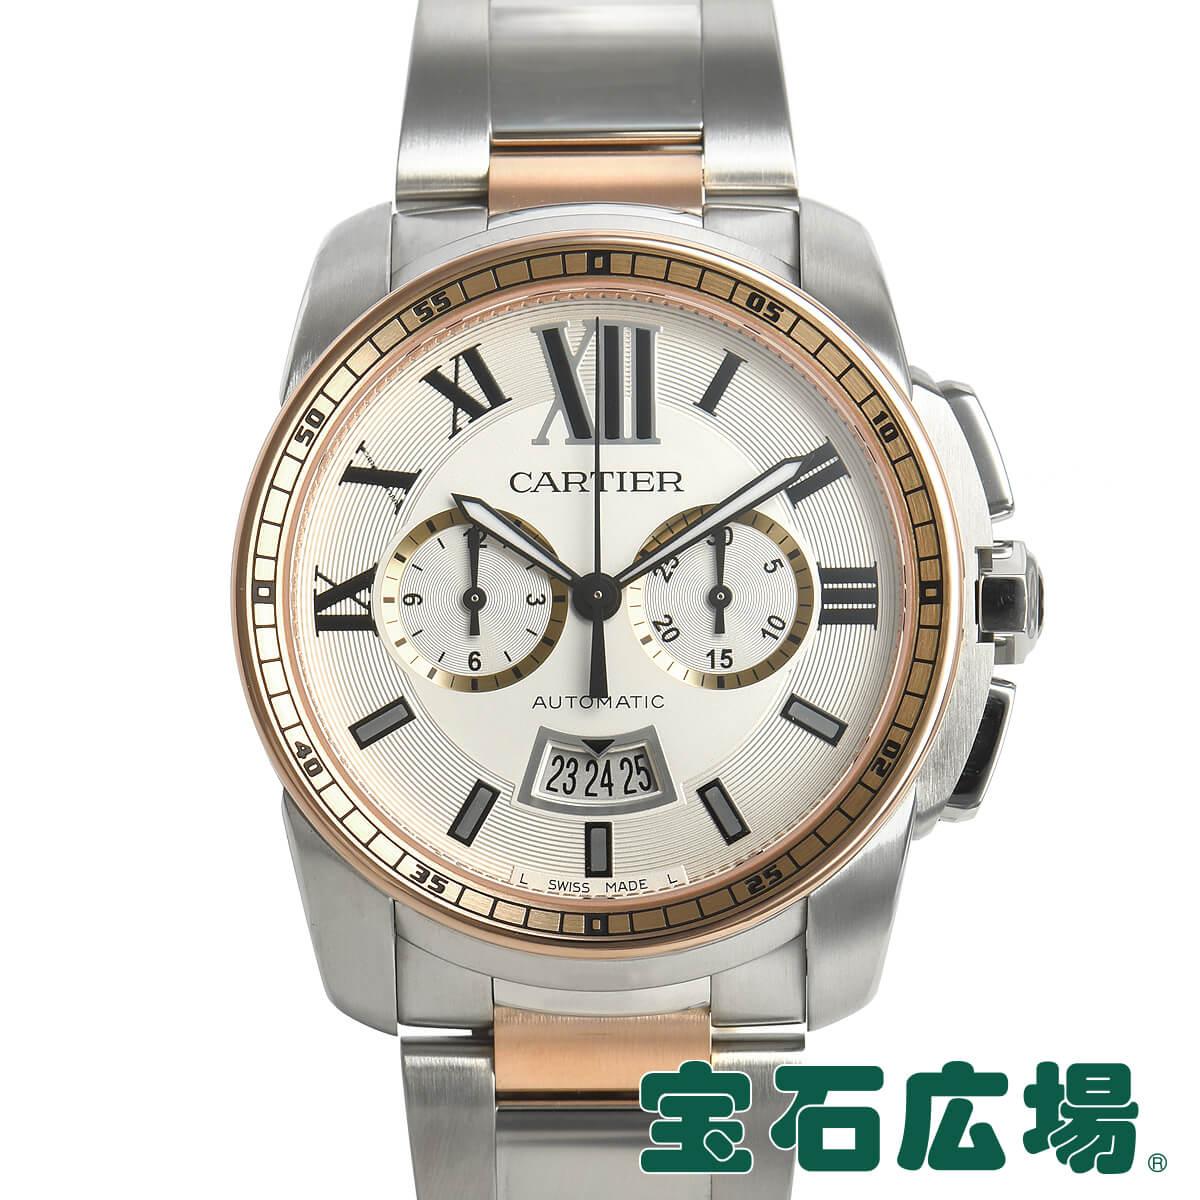 【5%OFF】 カルティエ CARTIER カリブル ドゥ カルティエ クロノグラフ W7100042【】メンズ 腕時計 送料無料, フラワーショップ ラ フランス 6e237cc6